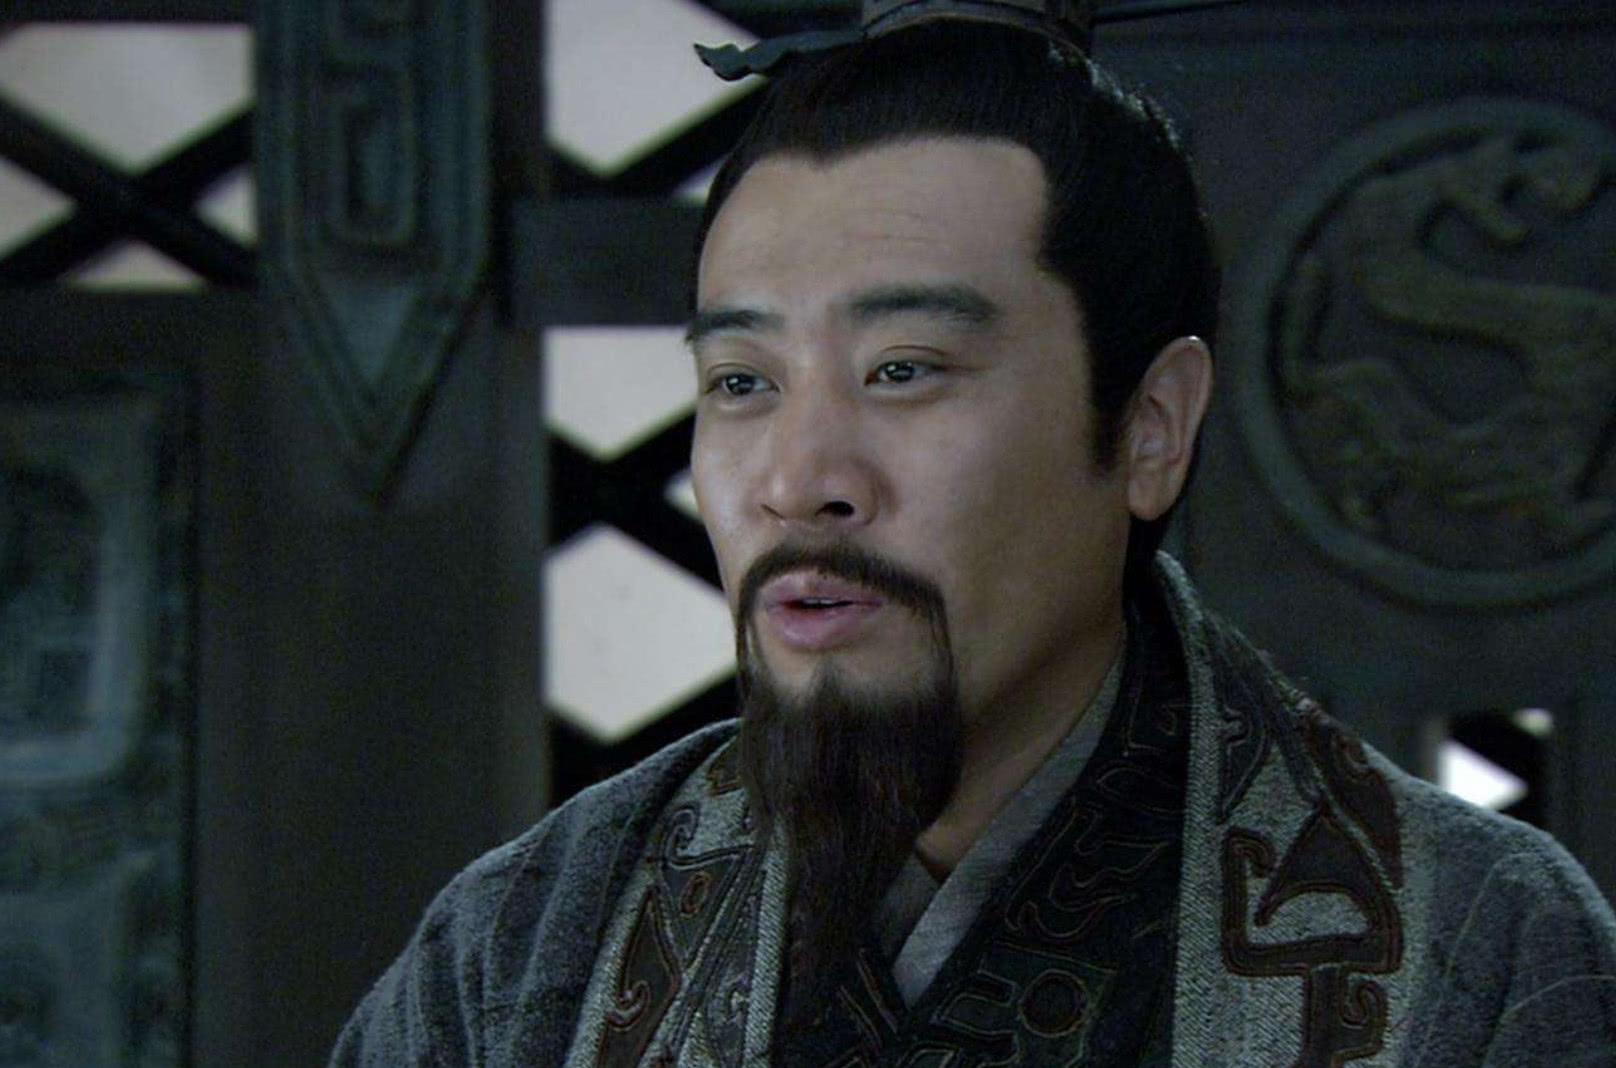 如果没有此人从中作祟,曹操和刘备可能强强联手,汉朝可能兴起